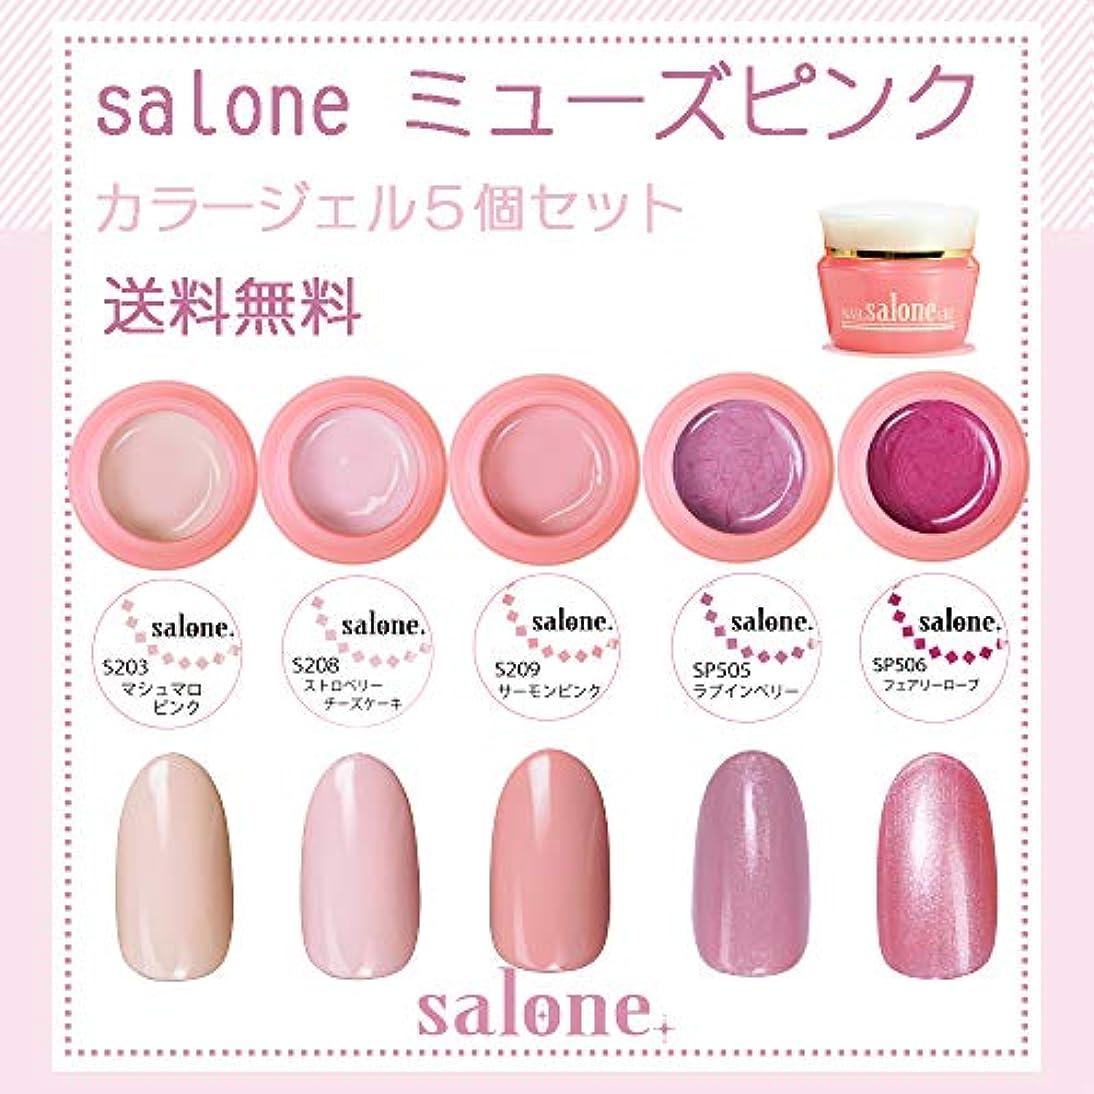 を必要としています定刻運ぶ【送料無料 日本製】Salone ミューズピンク カラージェル5個セット 春にピッタリでトレンドカラーのミューズピンク